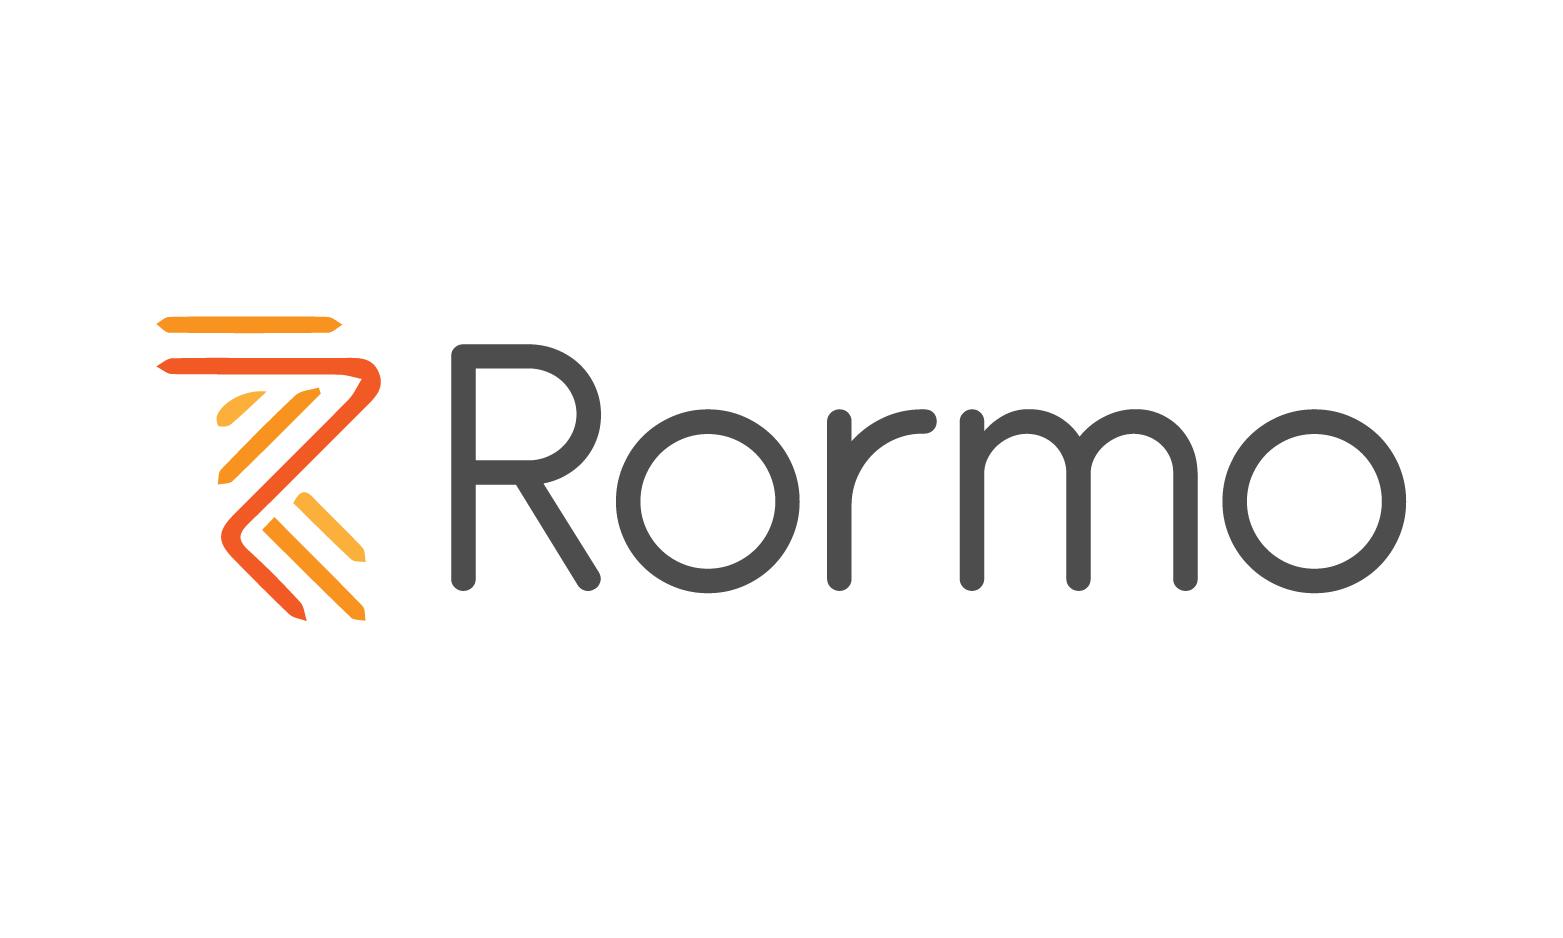 Rormo.com